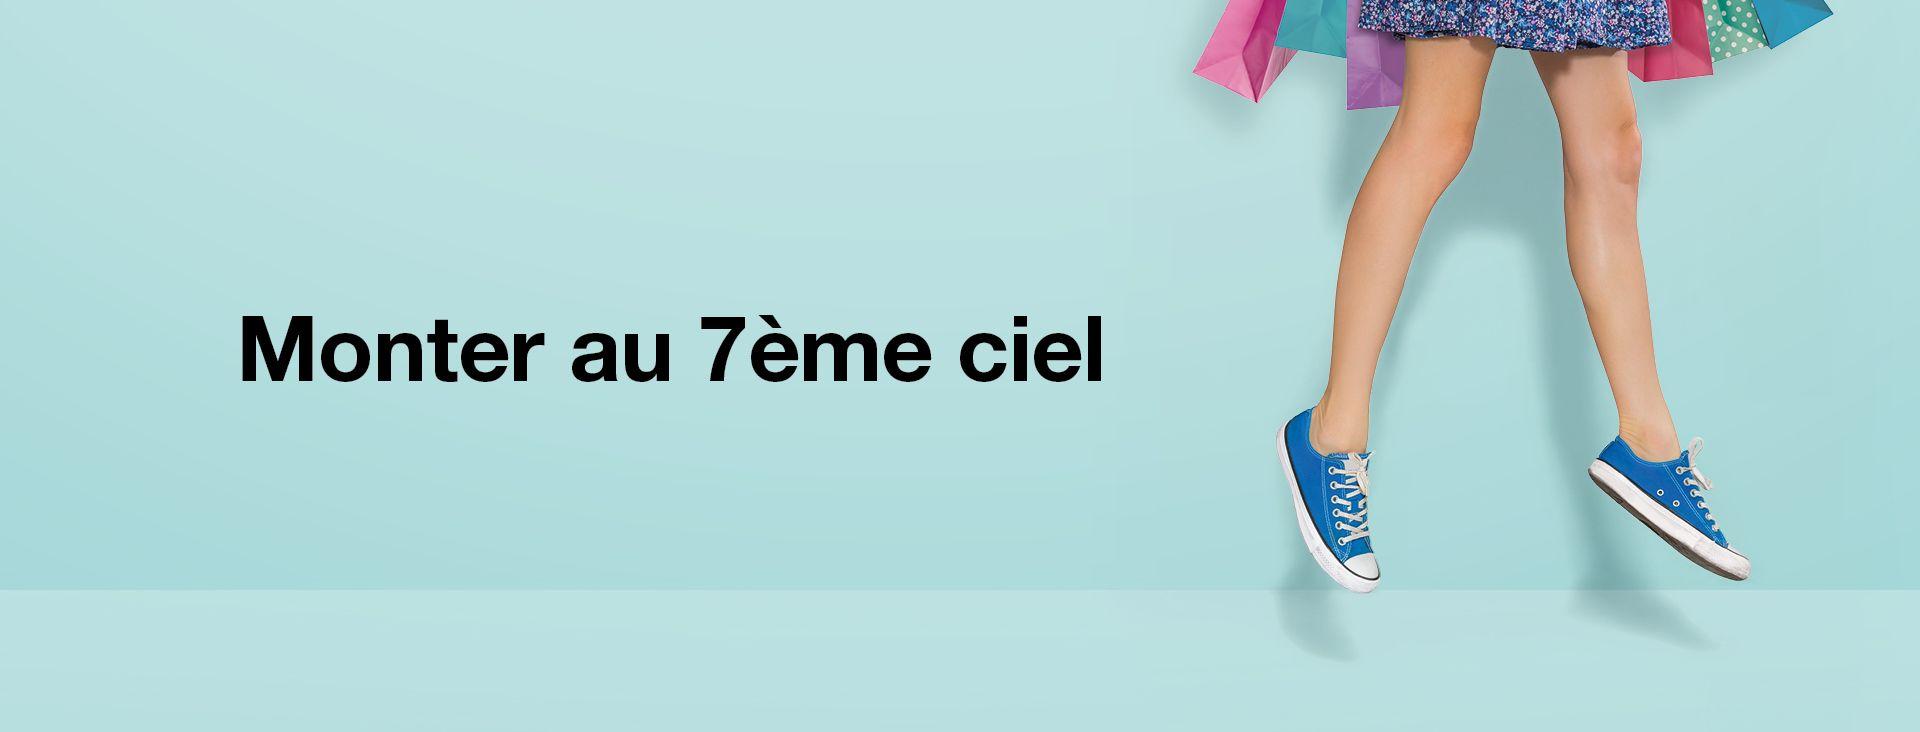 METROPOLE-SiteInternet_1920x732px-GENERIQUE-printemps-2018-2